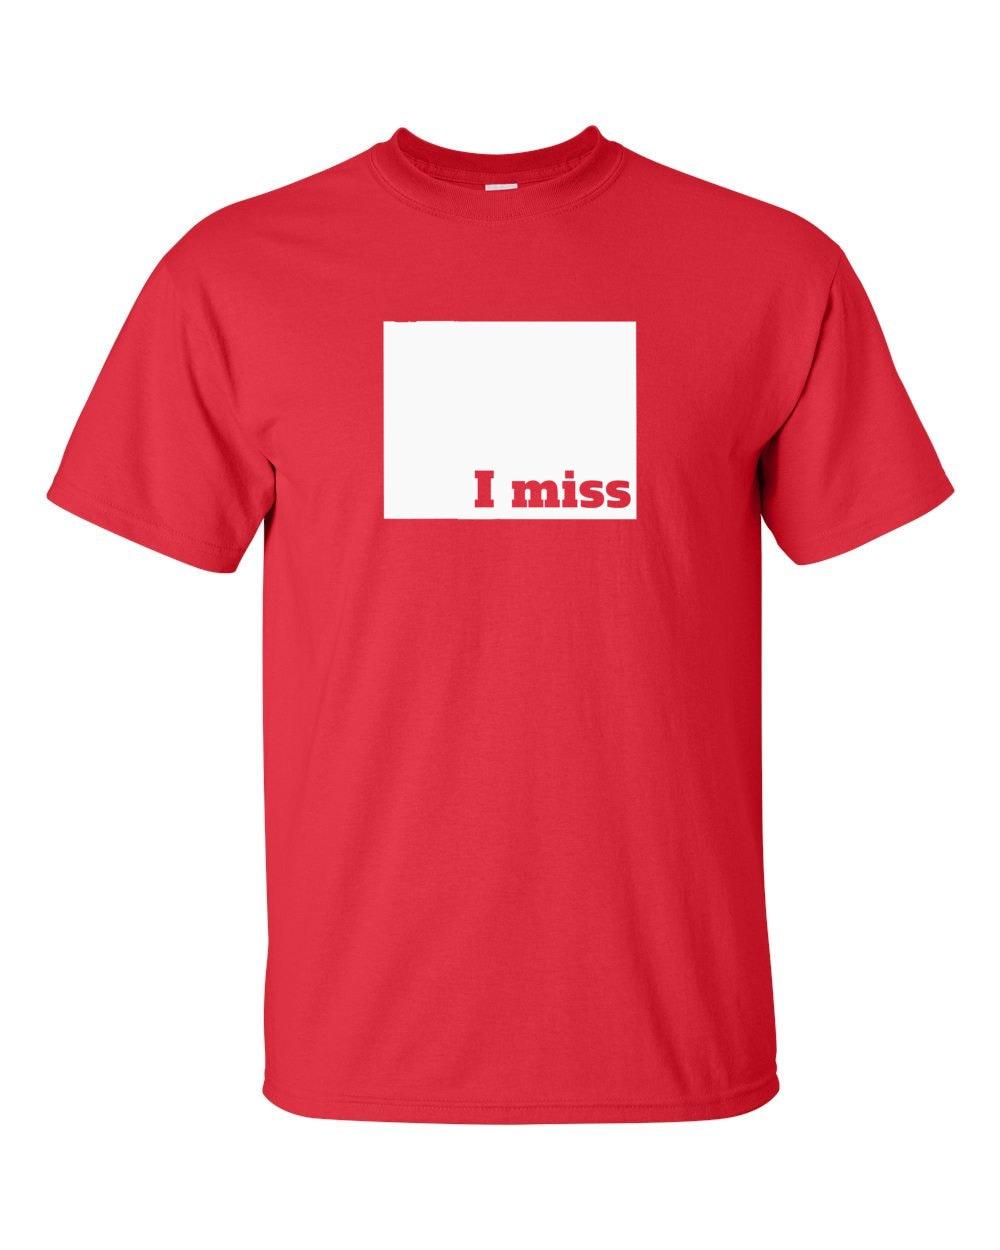 Wyoming T-shirt - I Miss Wyoming - My State Wyoming T-shirt